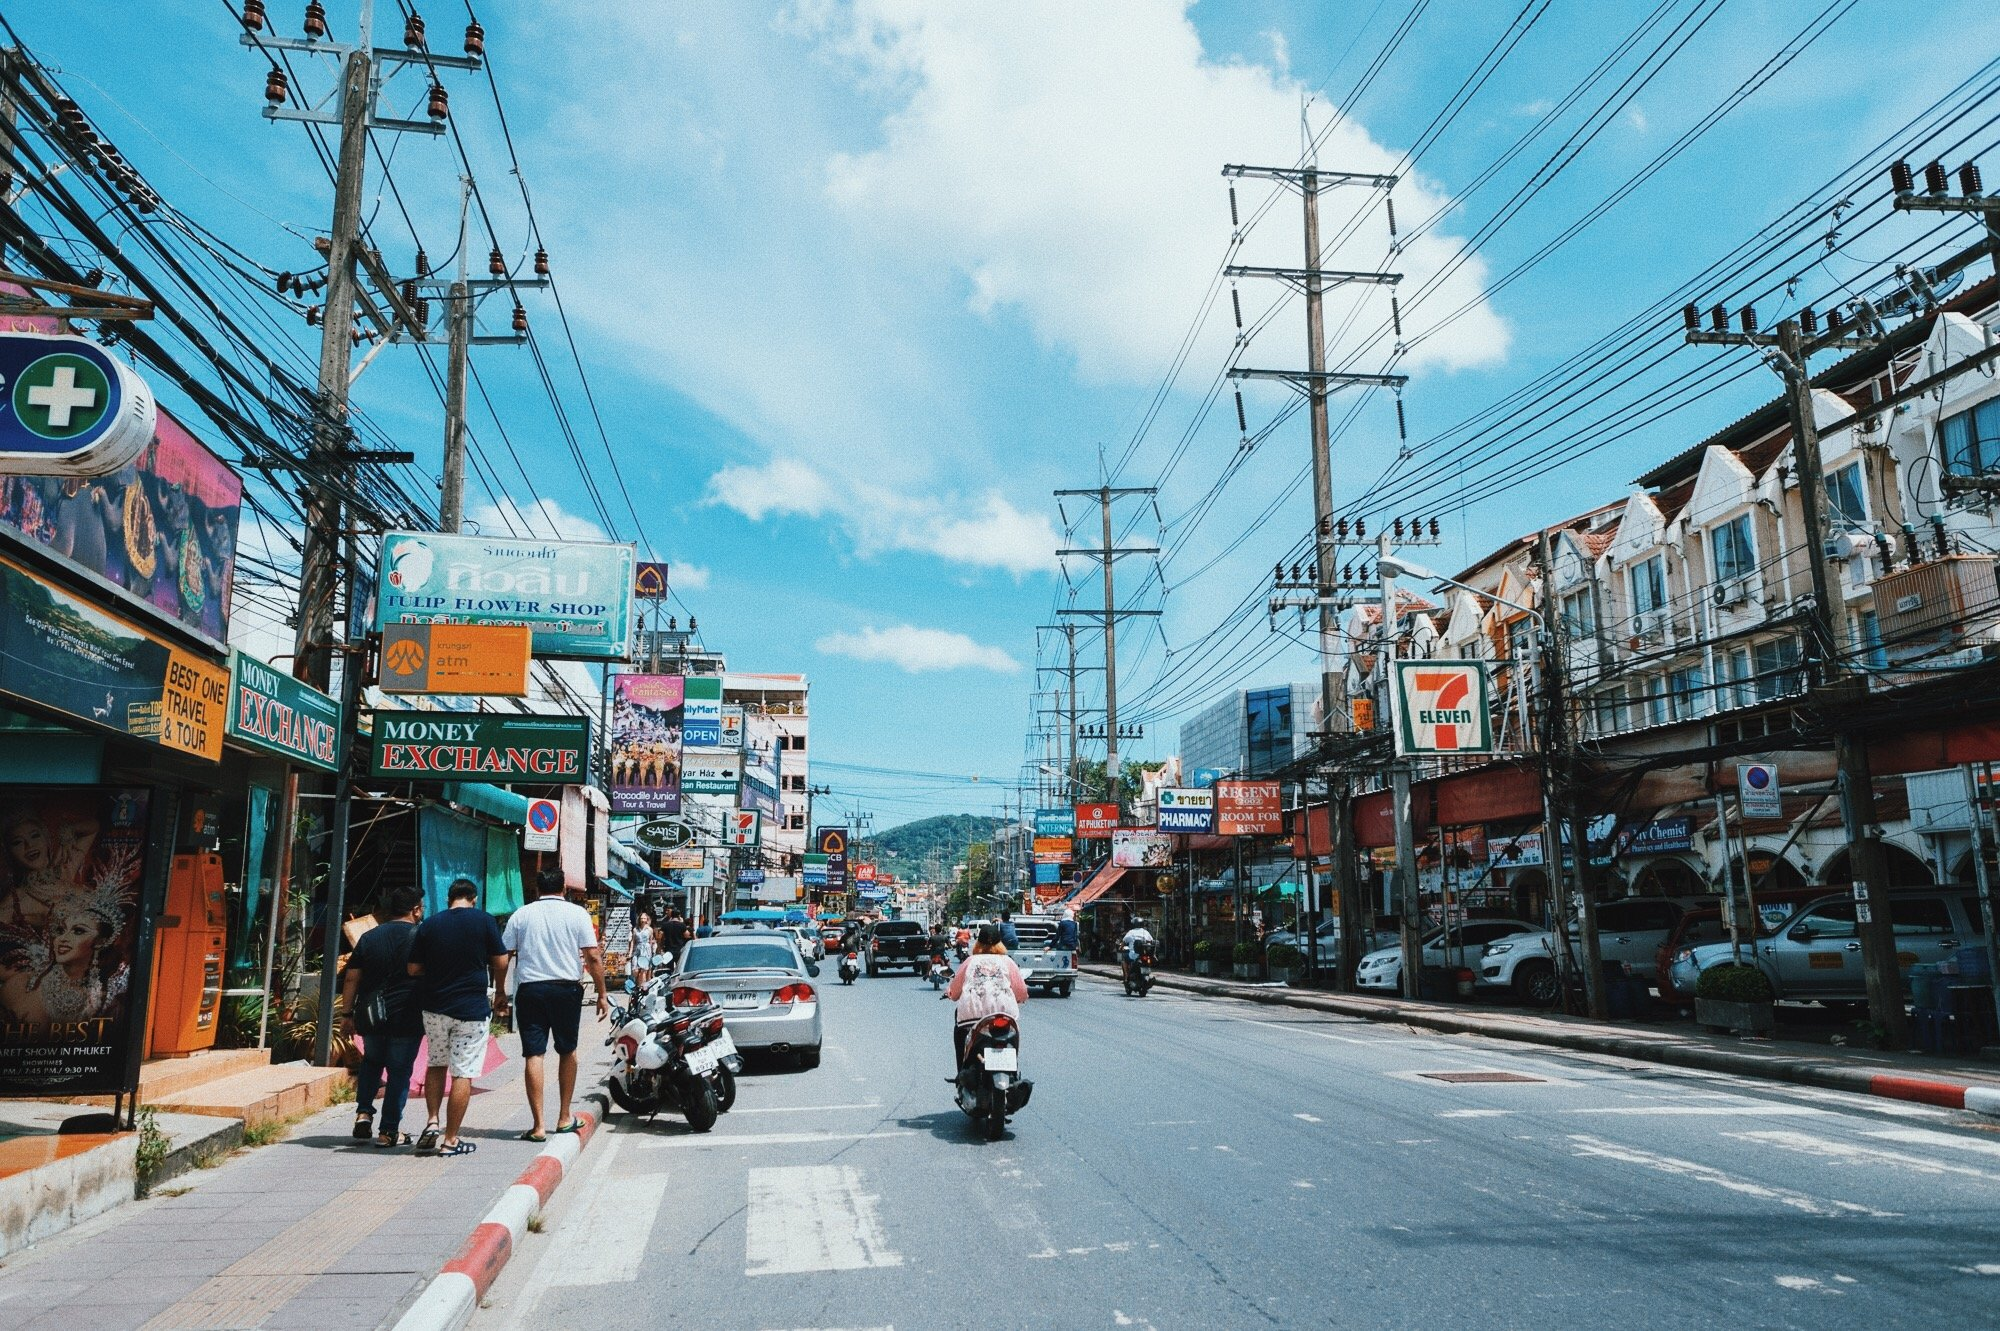 原创             实拍泰国普吉岛,冷清的有些吓人,为什么中国游客不爱这里了?